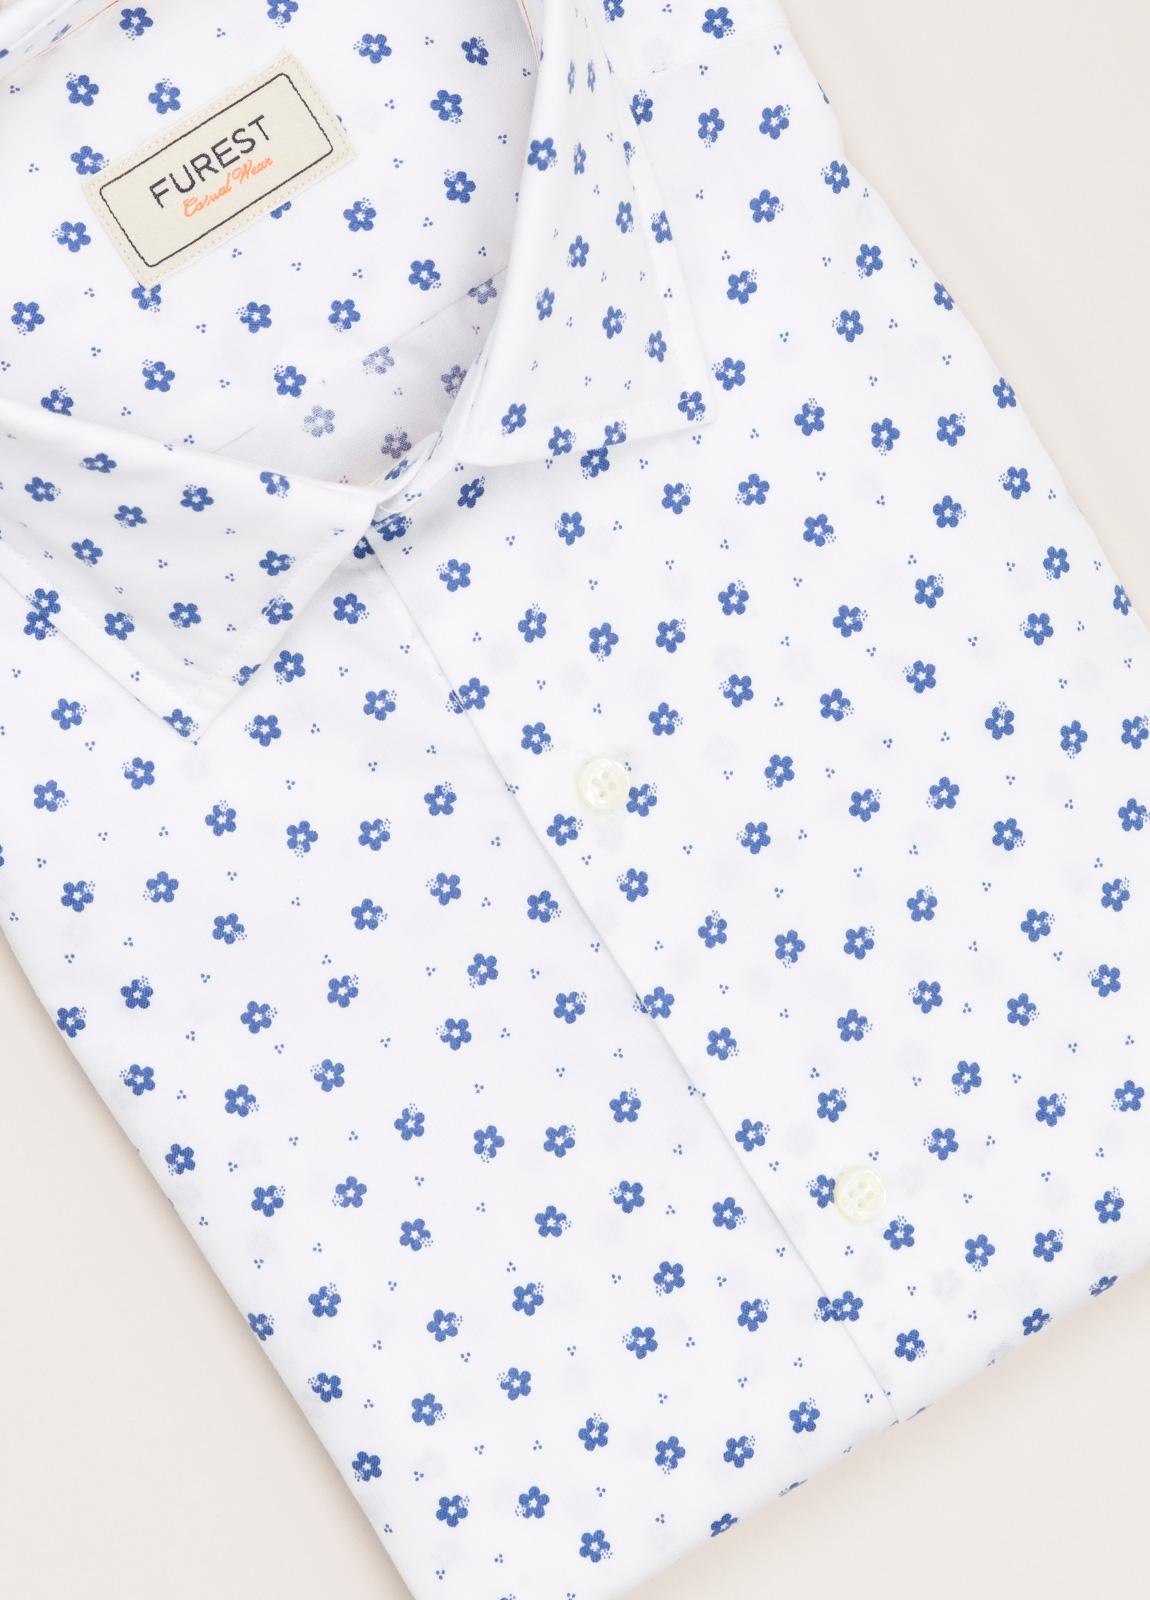 Camisa Casual Wear FUREST COLECCIÓN slim fit estampado flores - Ítem2